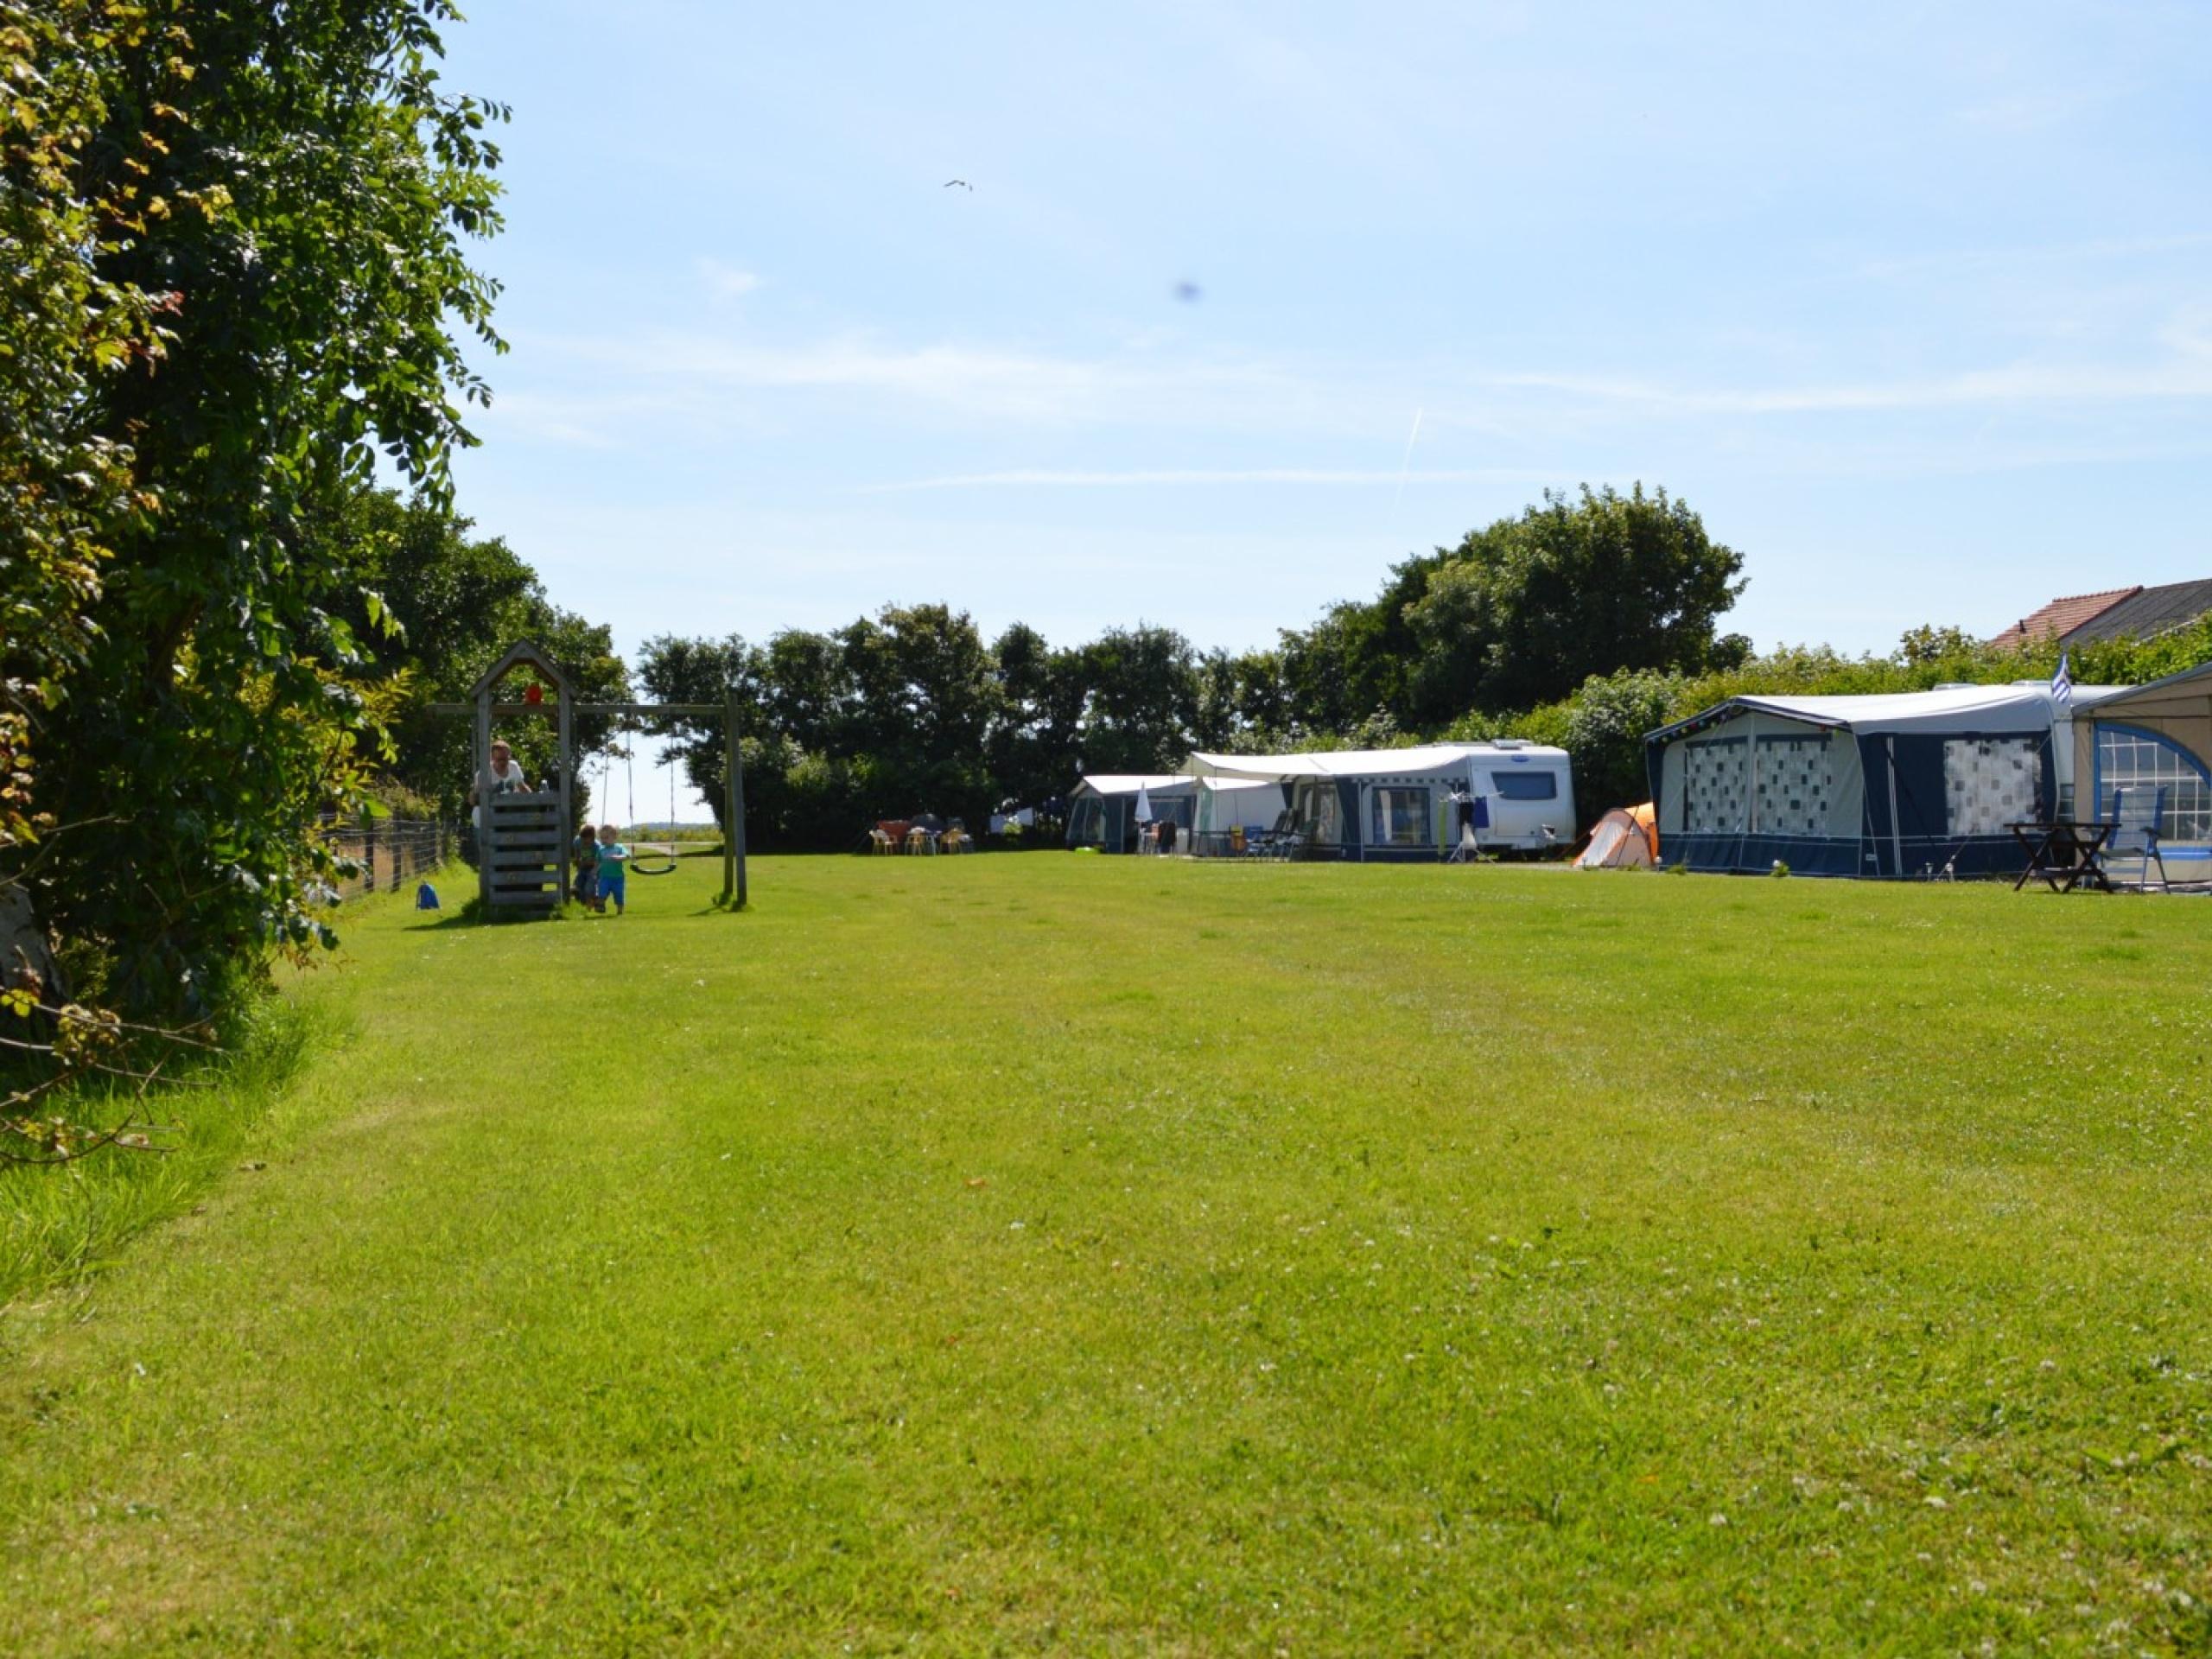 Ruhige campen in großzügiger ländlicher Lage bei De Cocksdorp